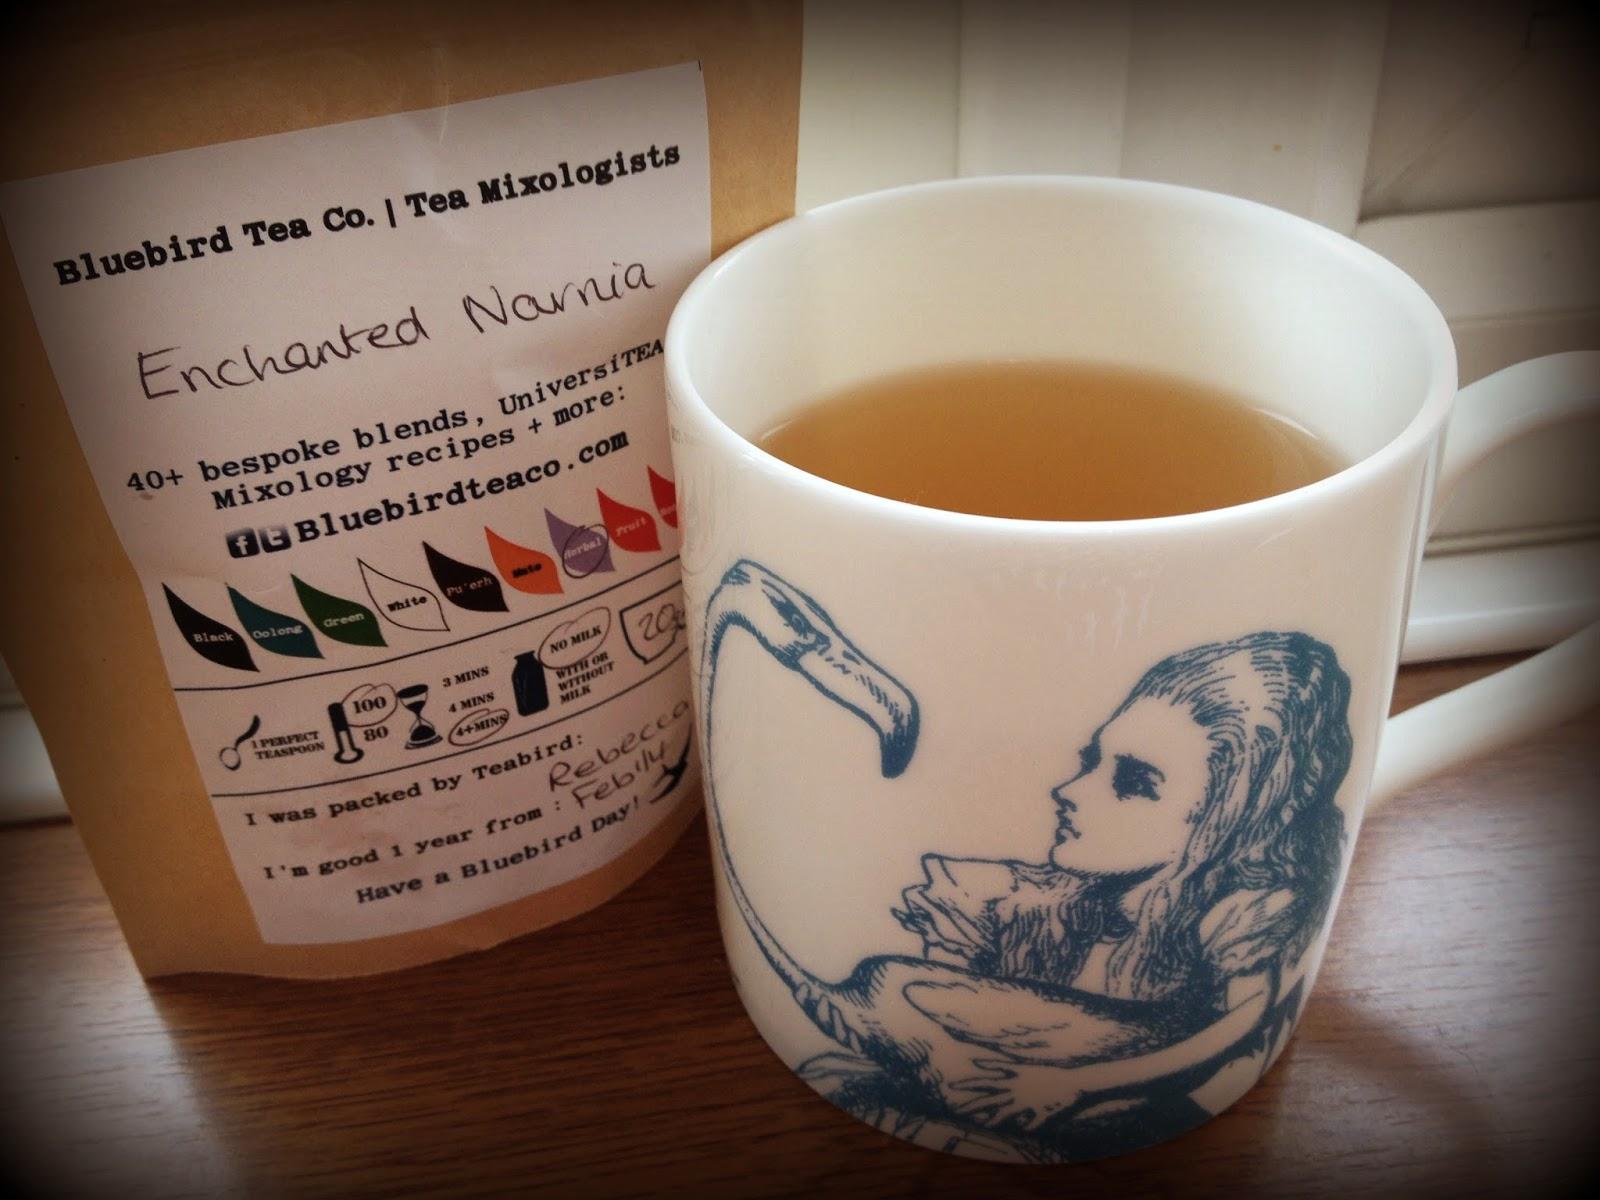 bluebird tea co rose tea